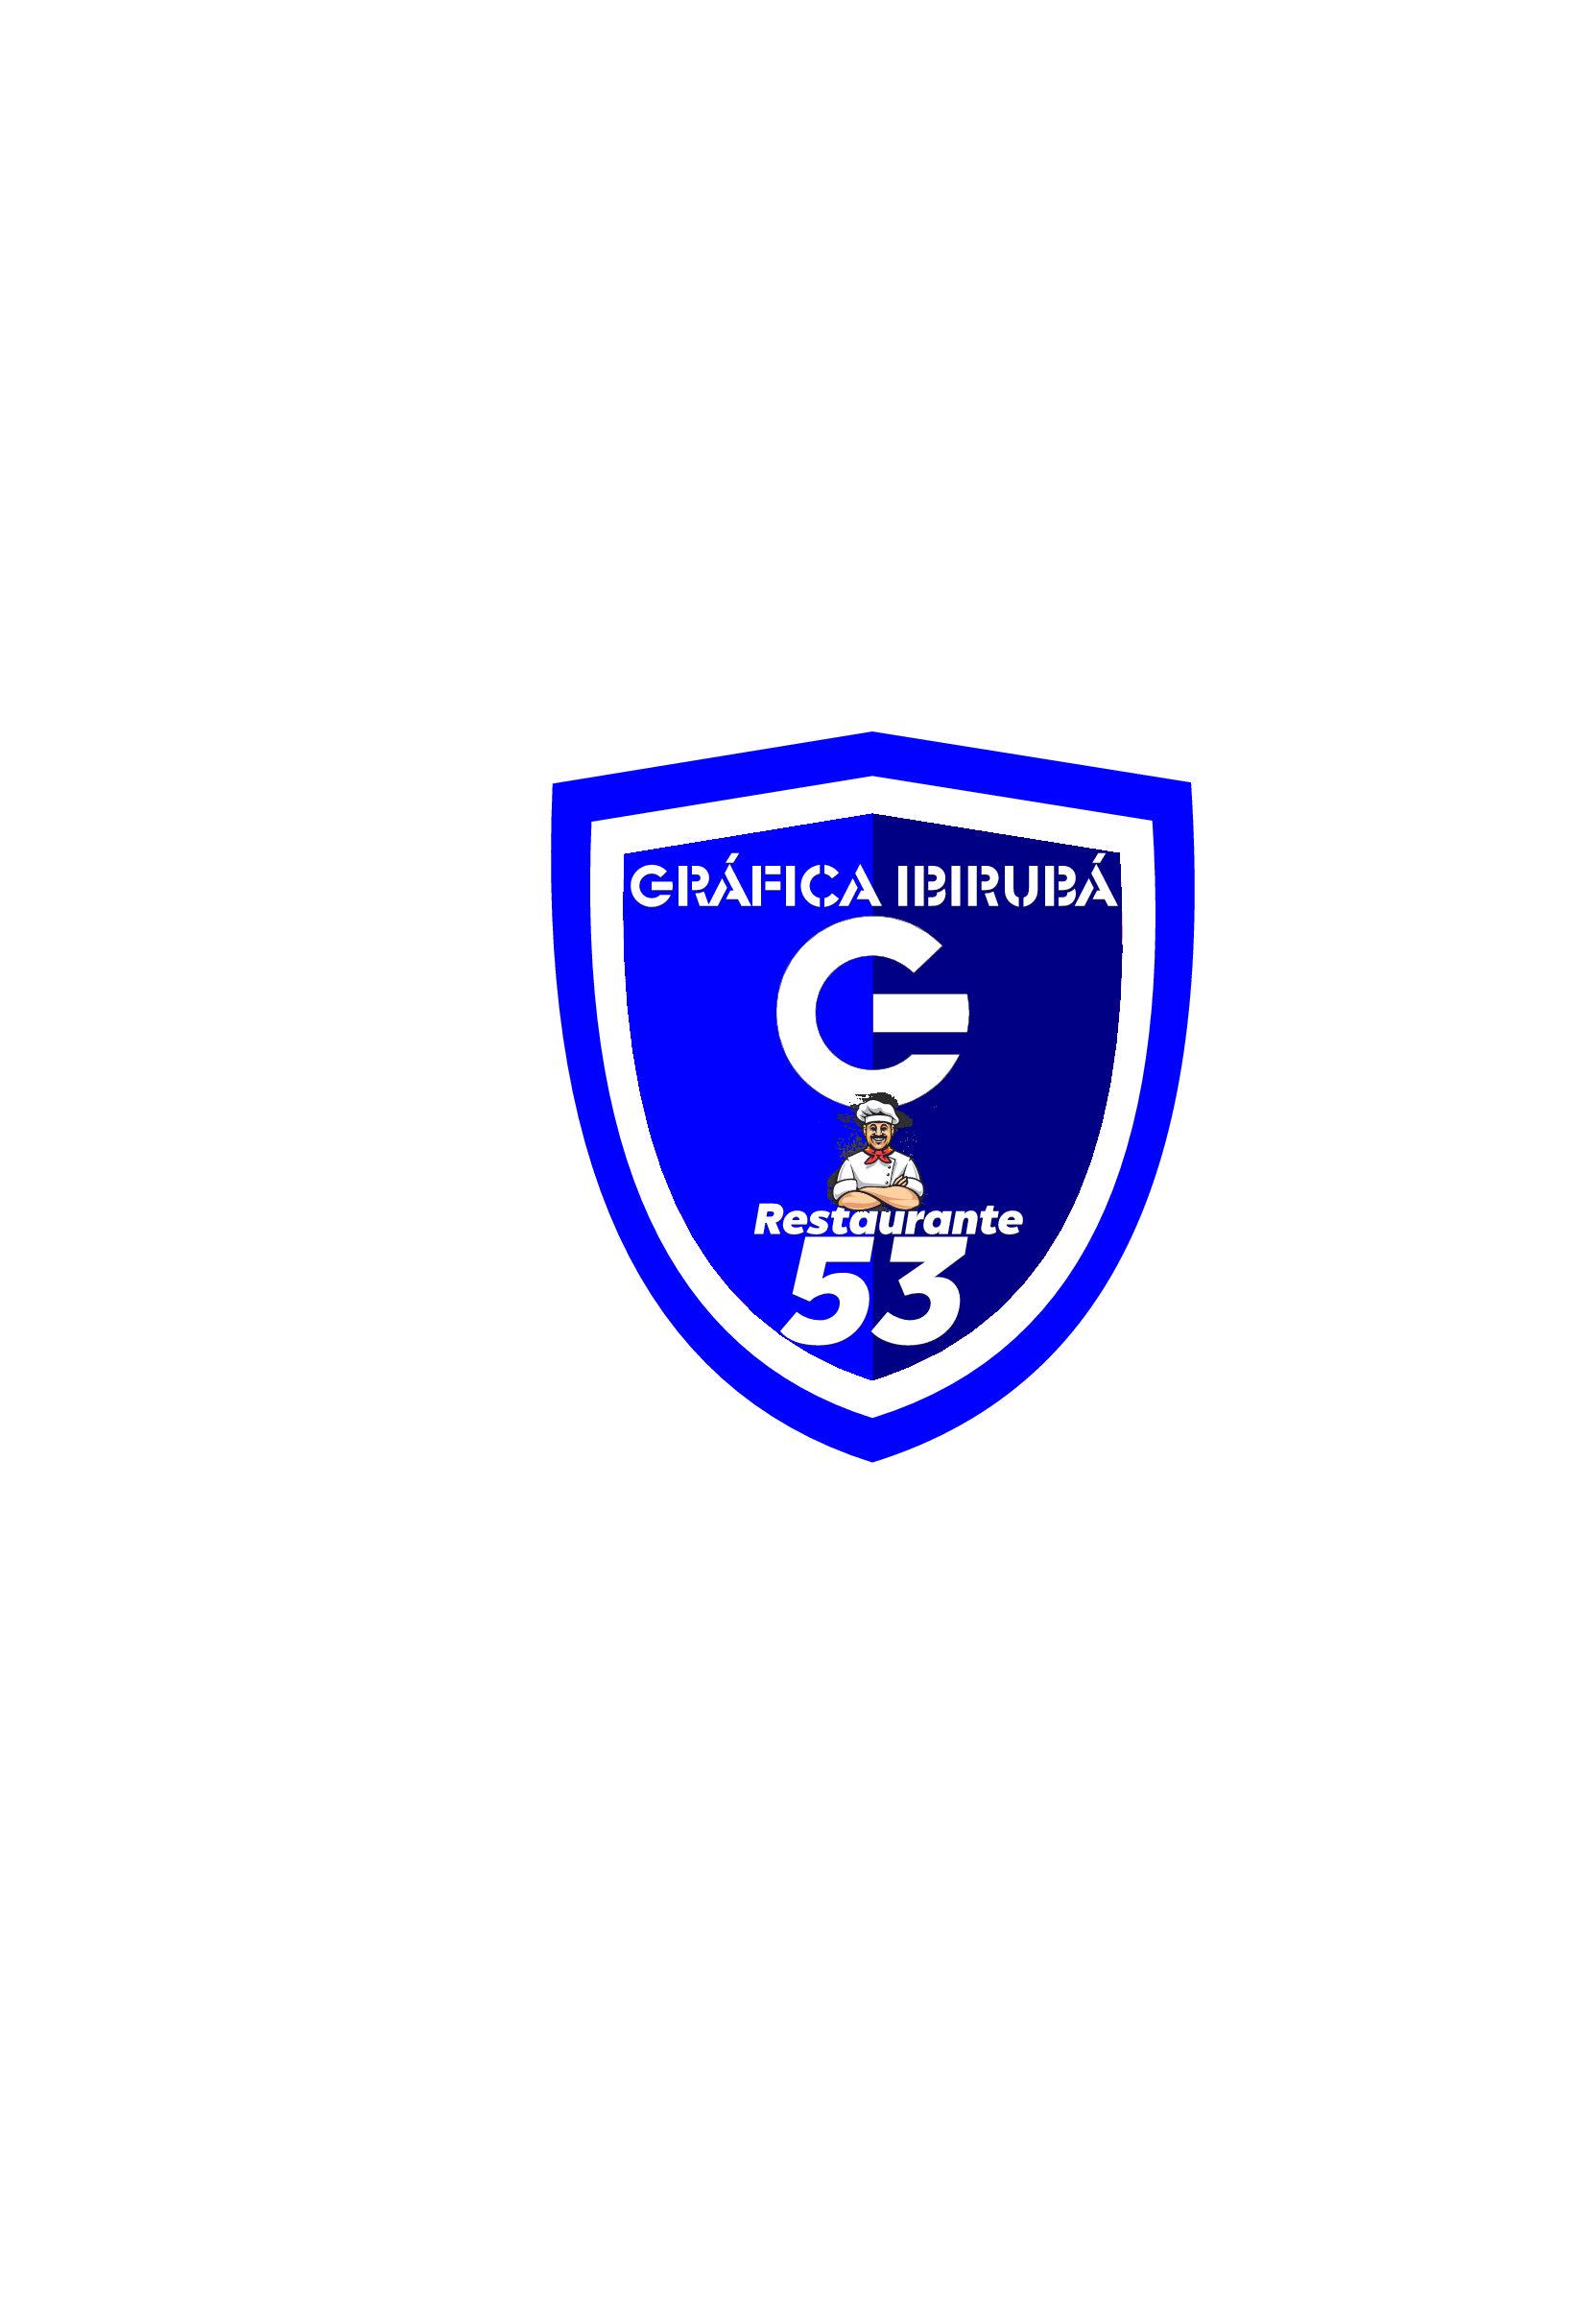 FARDAMENTO PARA EQUIPE DA GRÁFICA IBIRUBÁ/RESTAURANTE 53 DA CIDADE DE IBIRUBÁ/RS.